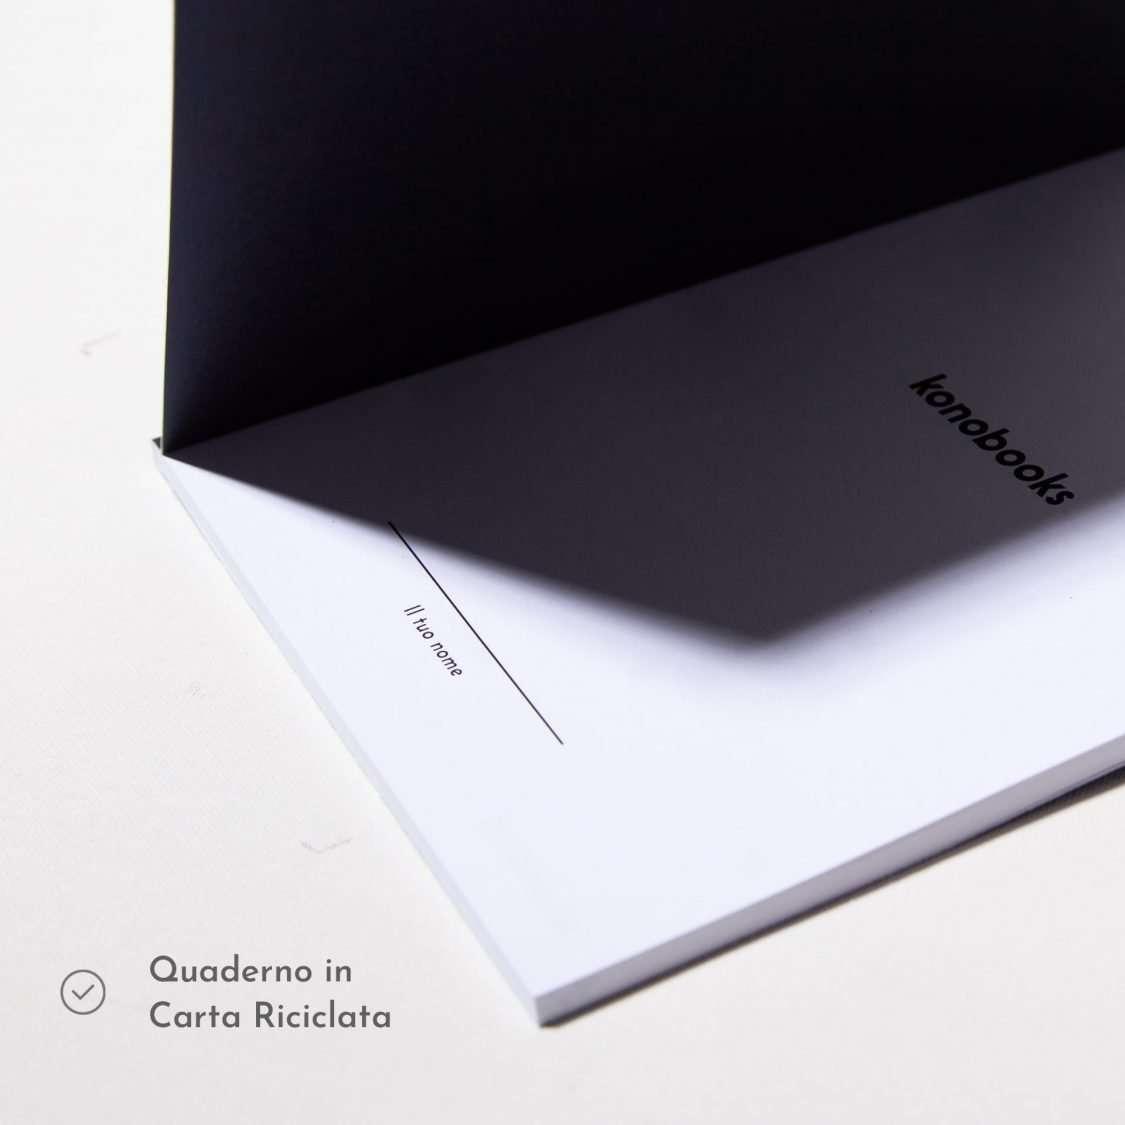 Quaderno nero in carta riciclata Konobooks